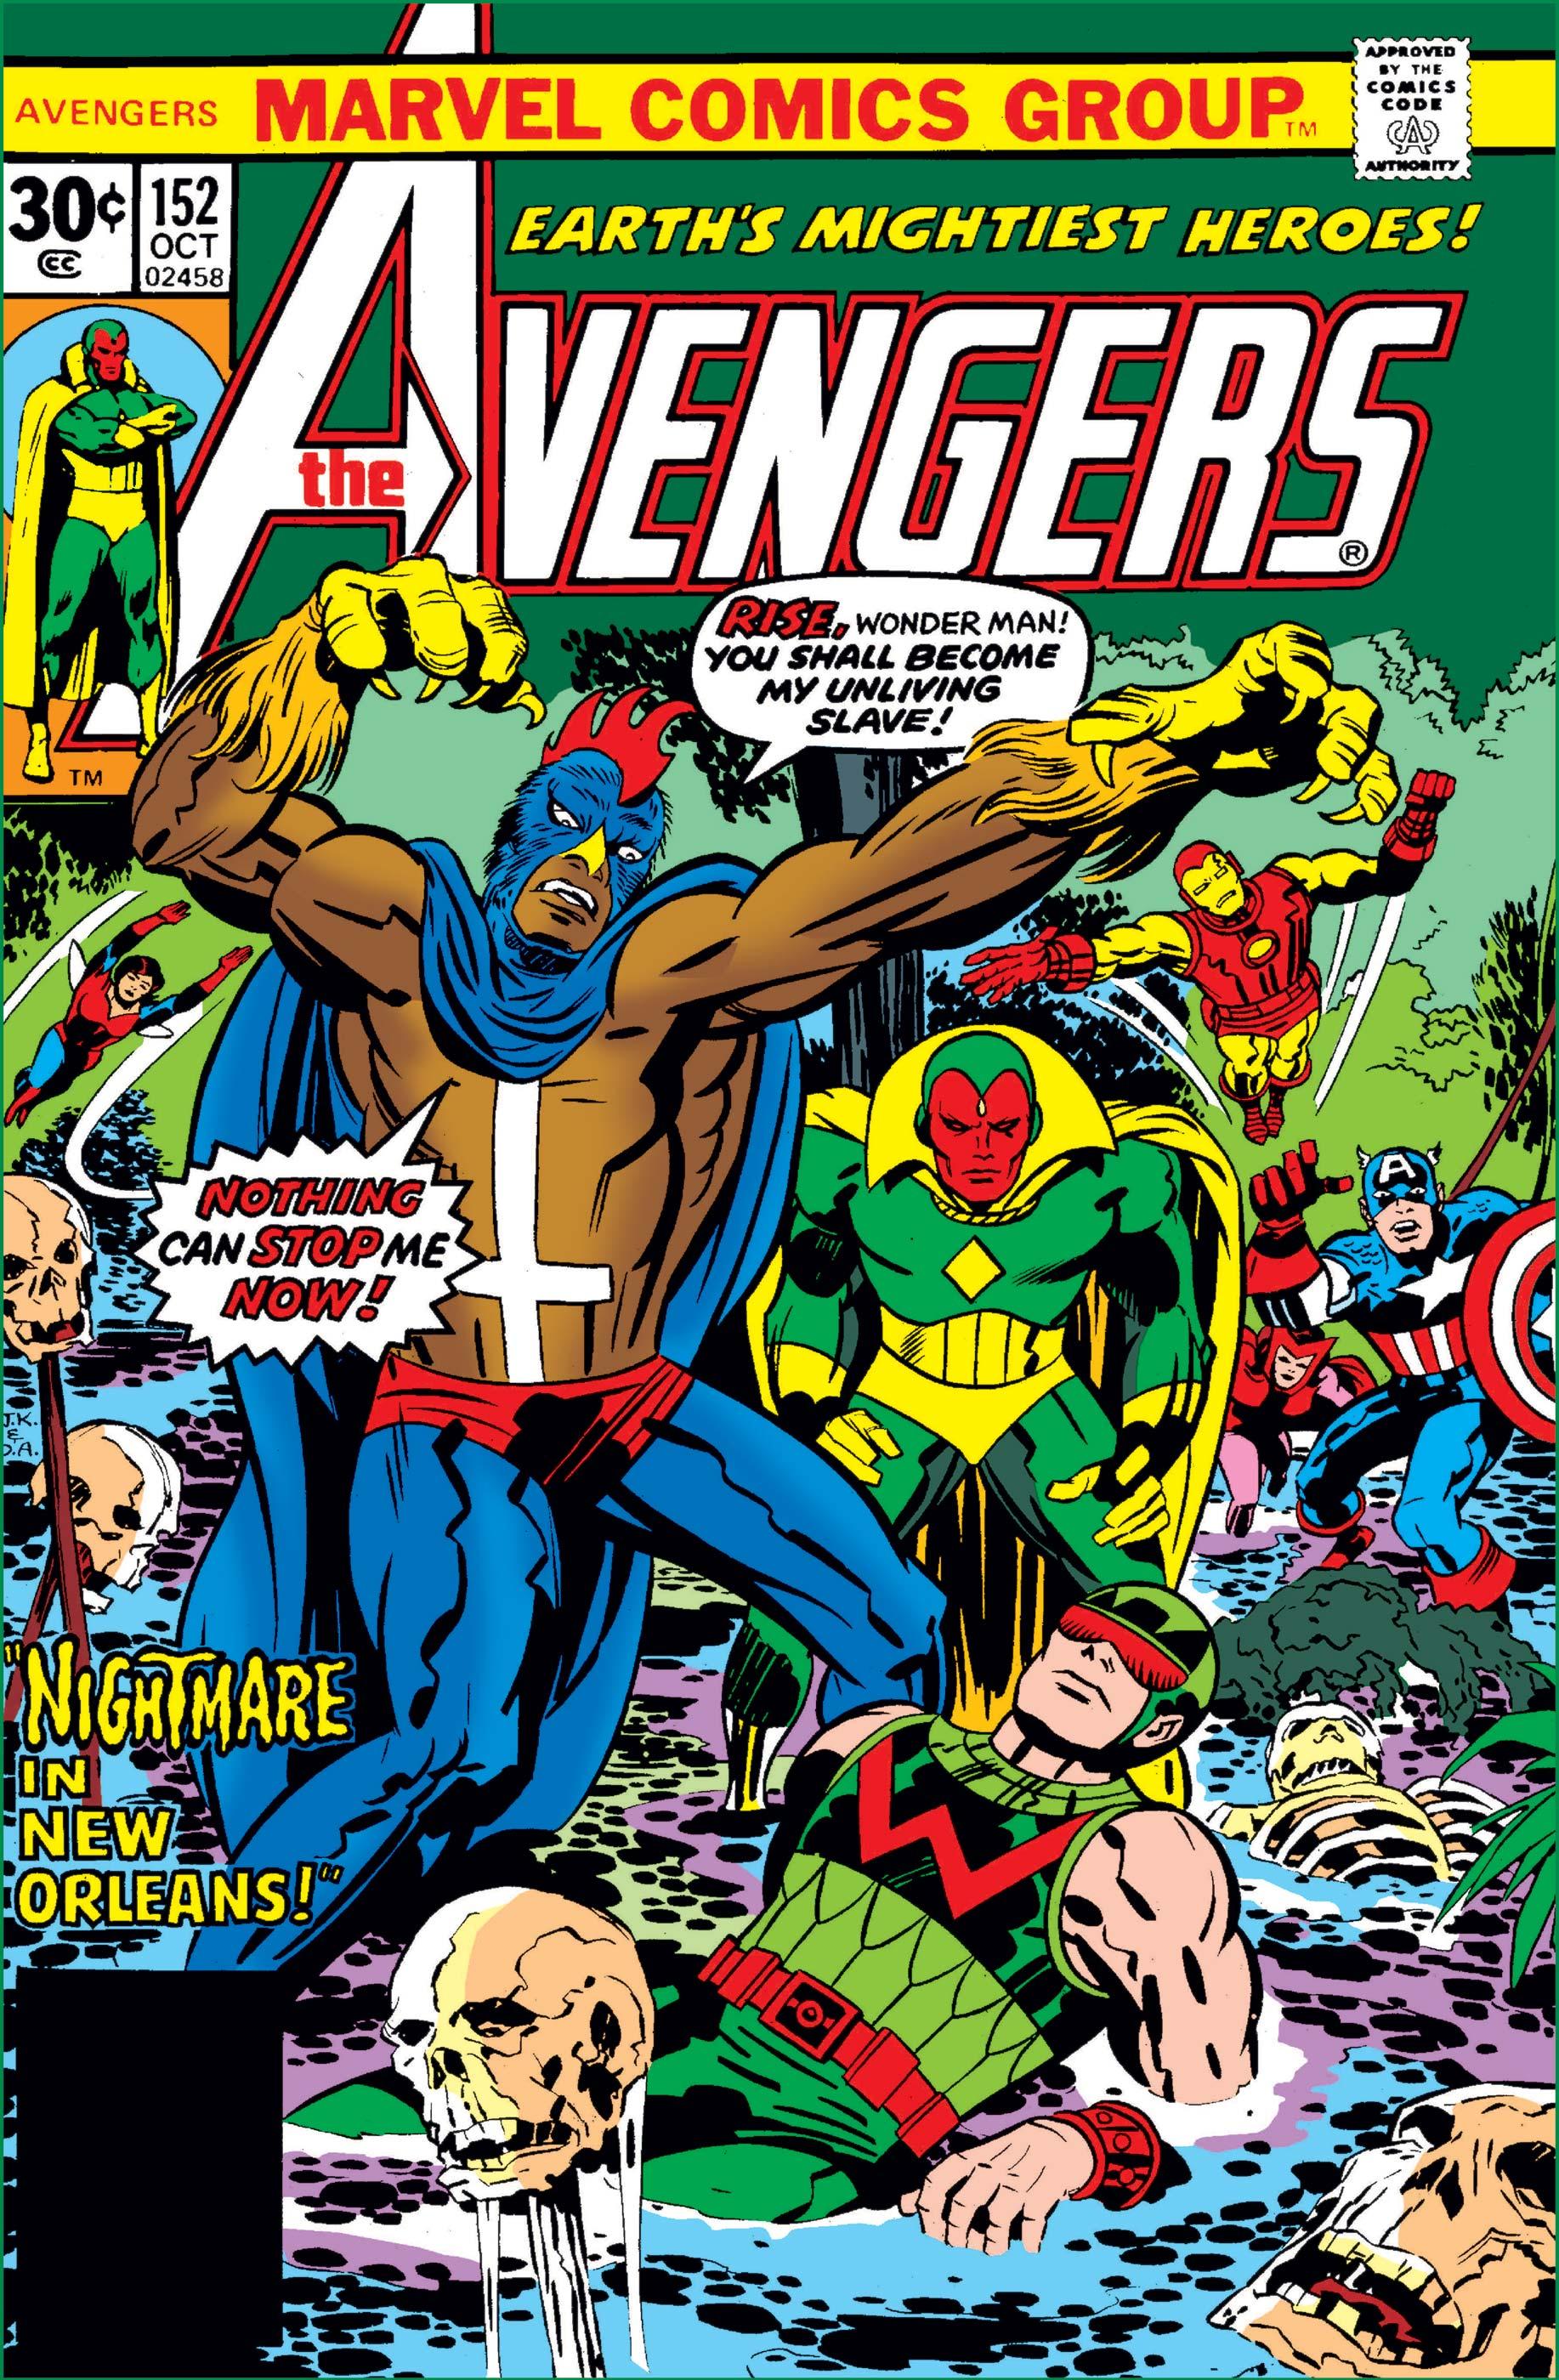 Avengers (1963) #152